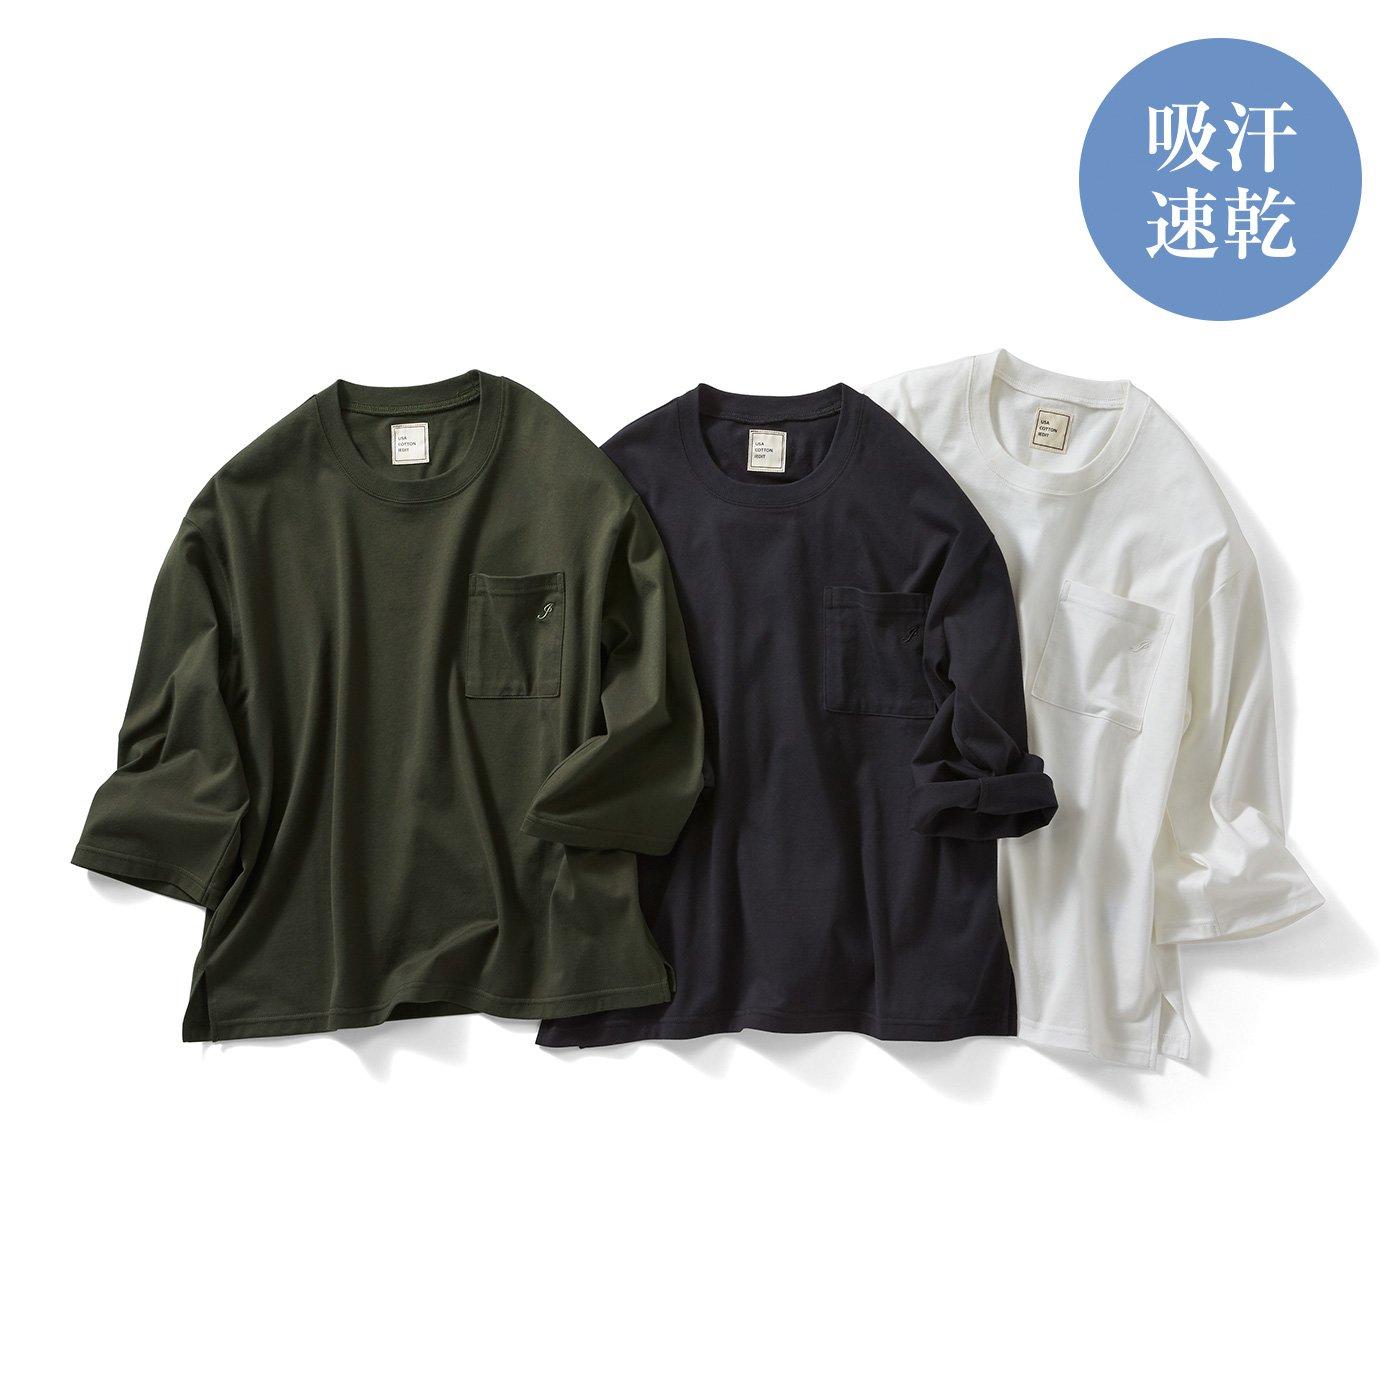 IEDIT[イディット] USAコットンの吸汗速乾 ボーイズシルエットTシャツの会